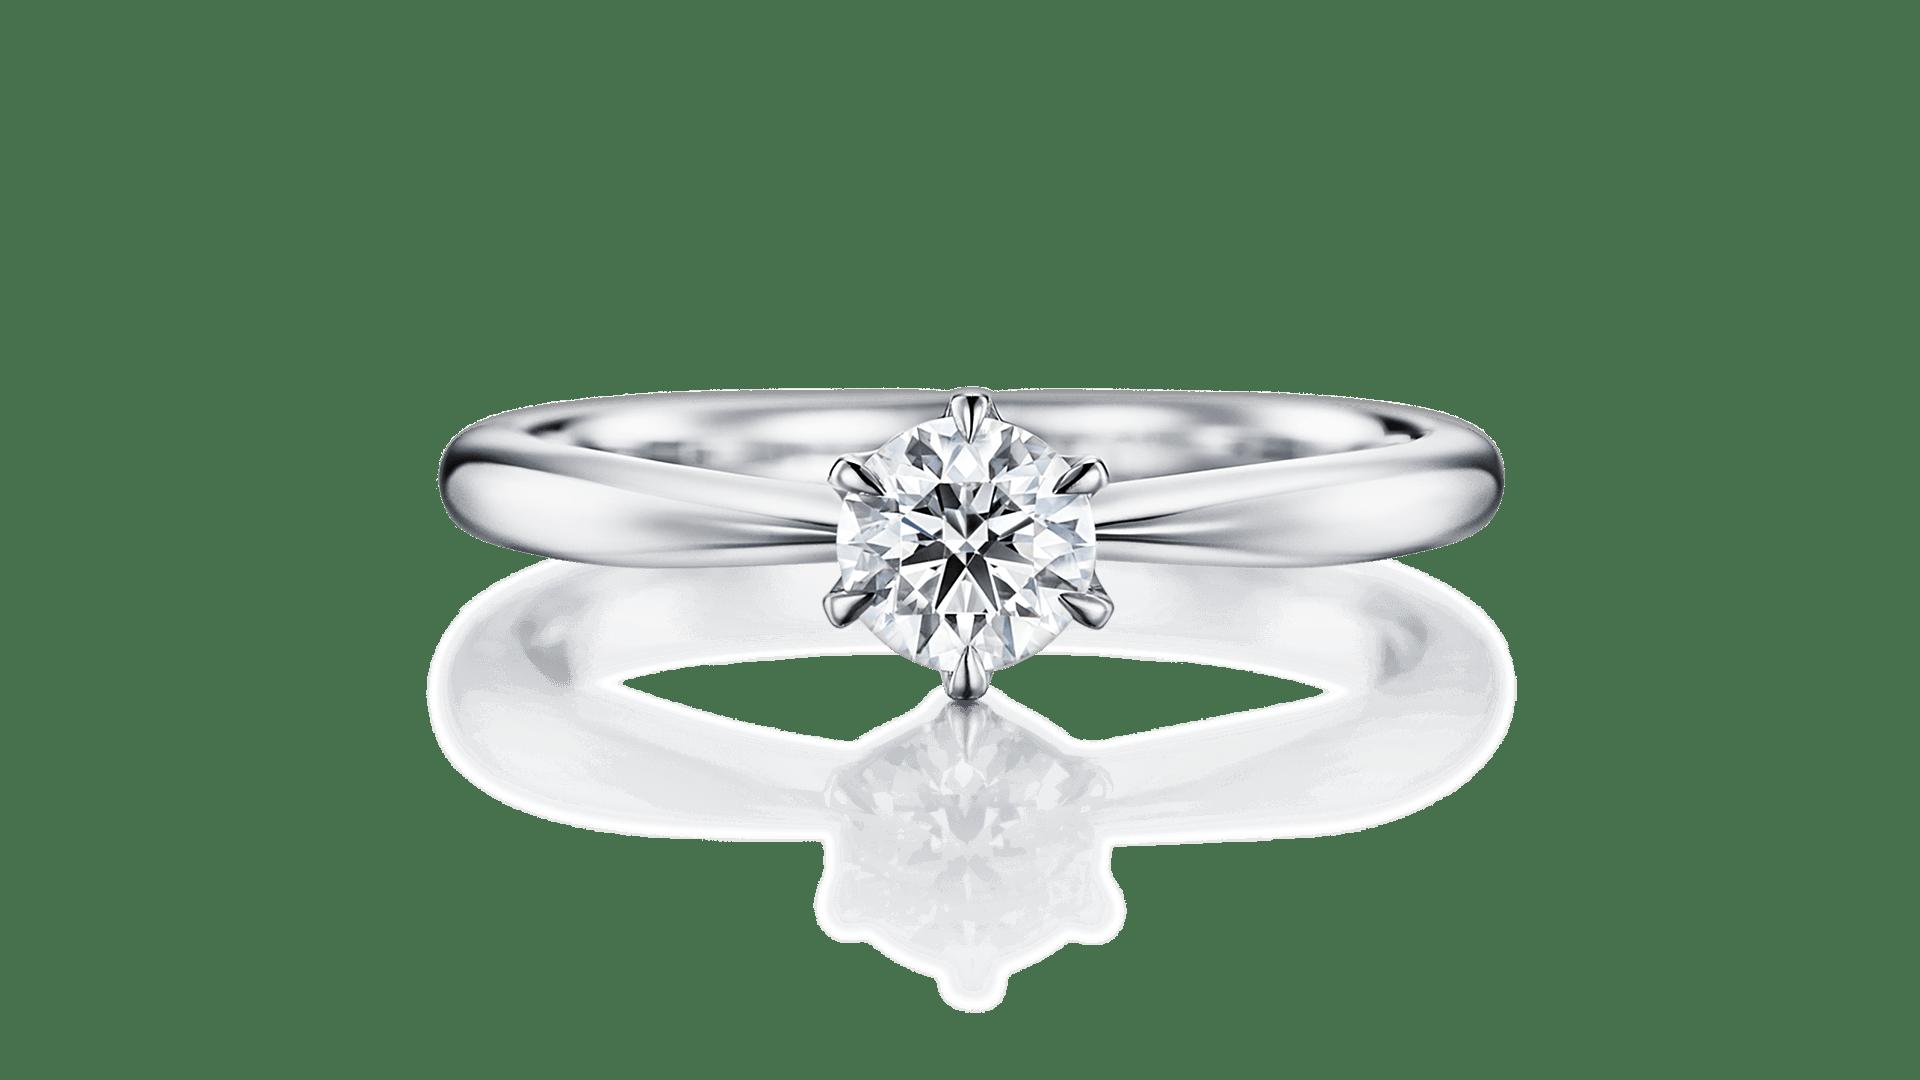 sirius シリウス | 婚約指輪サムネイル 1